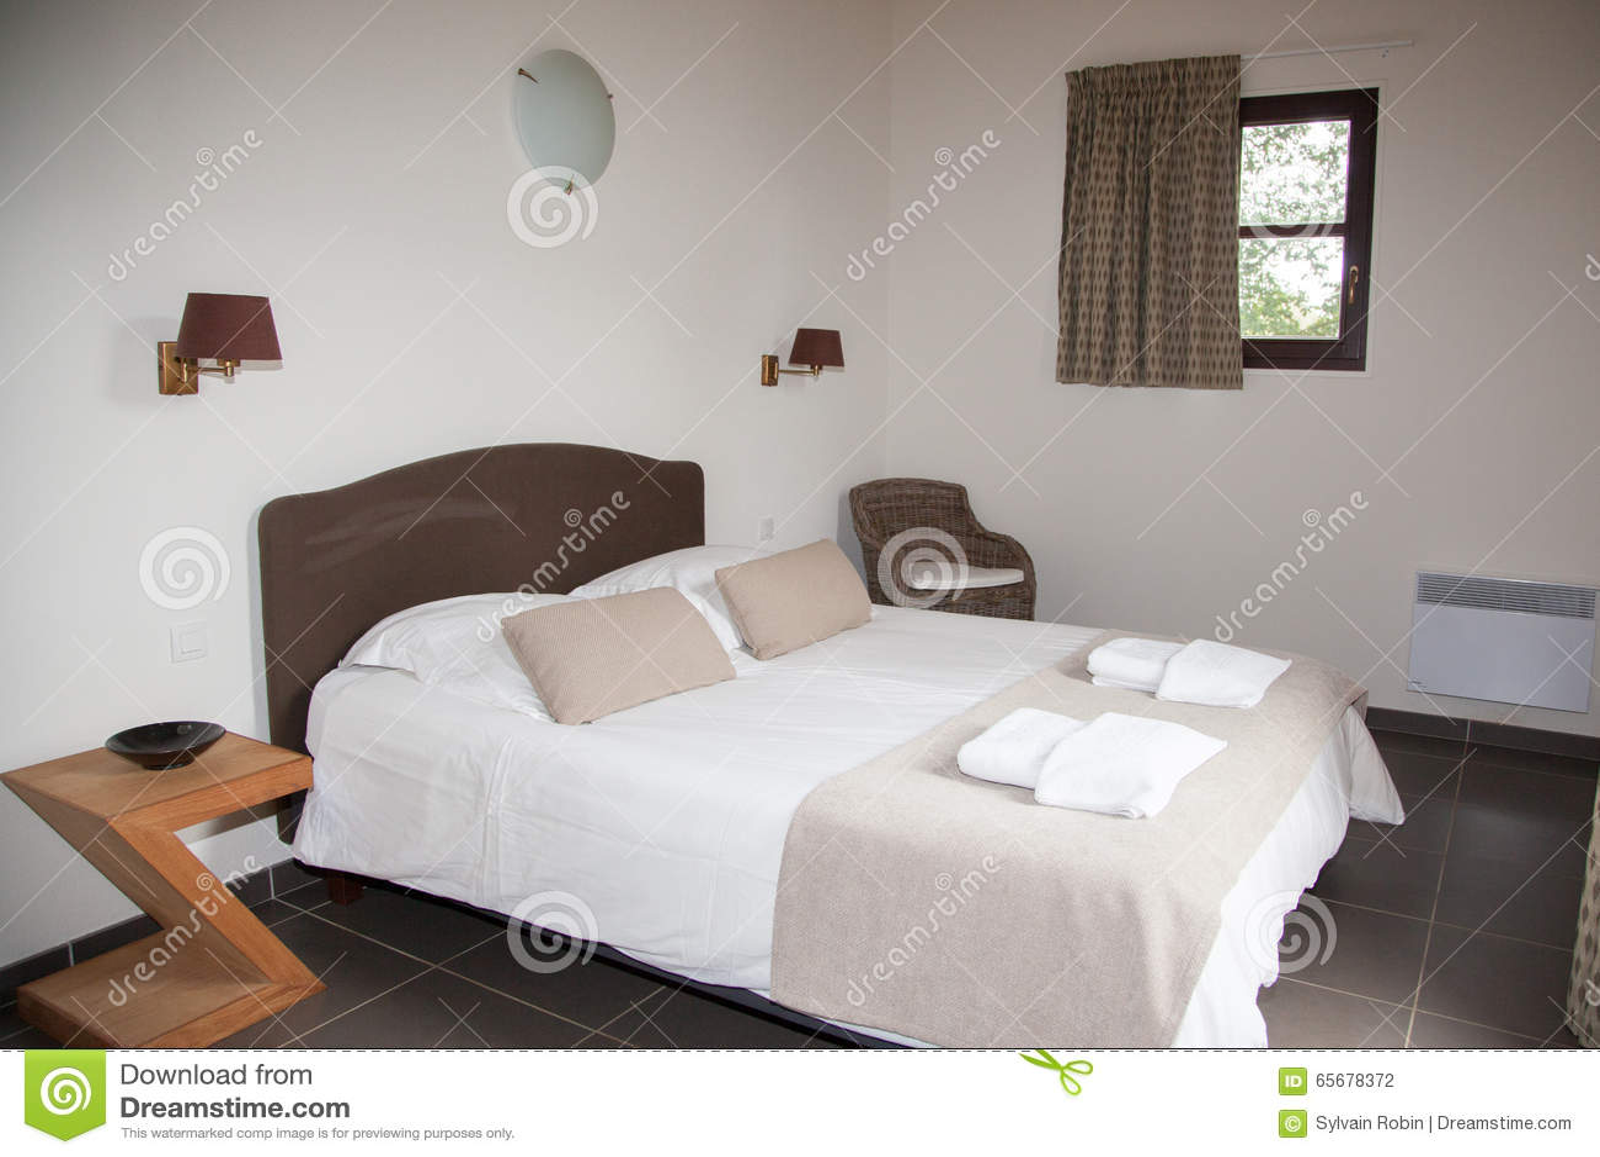 Lampadario Camera Da Letto Matrimoniale : Letto matrimoniale in camera da letto con la lampada di scrittorio